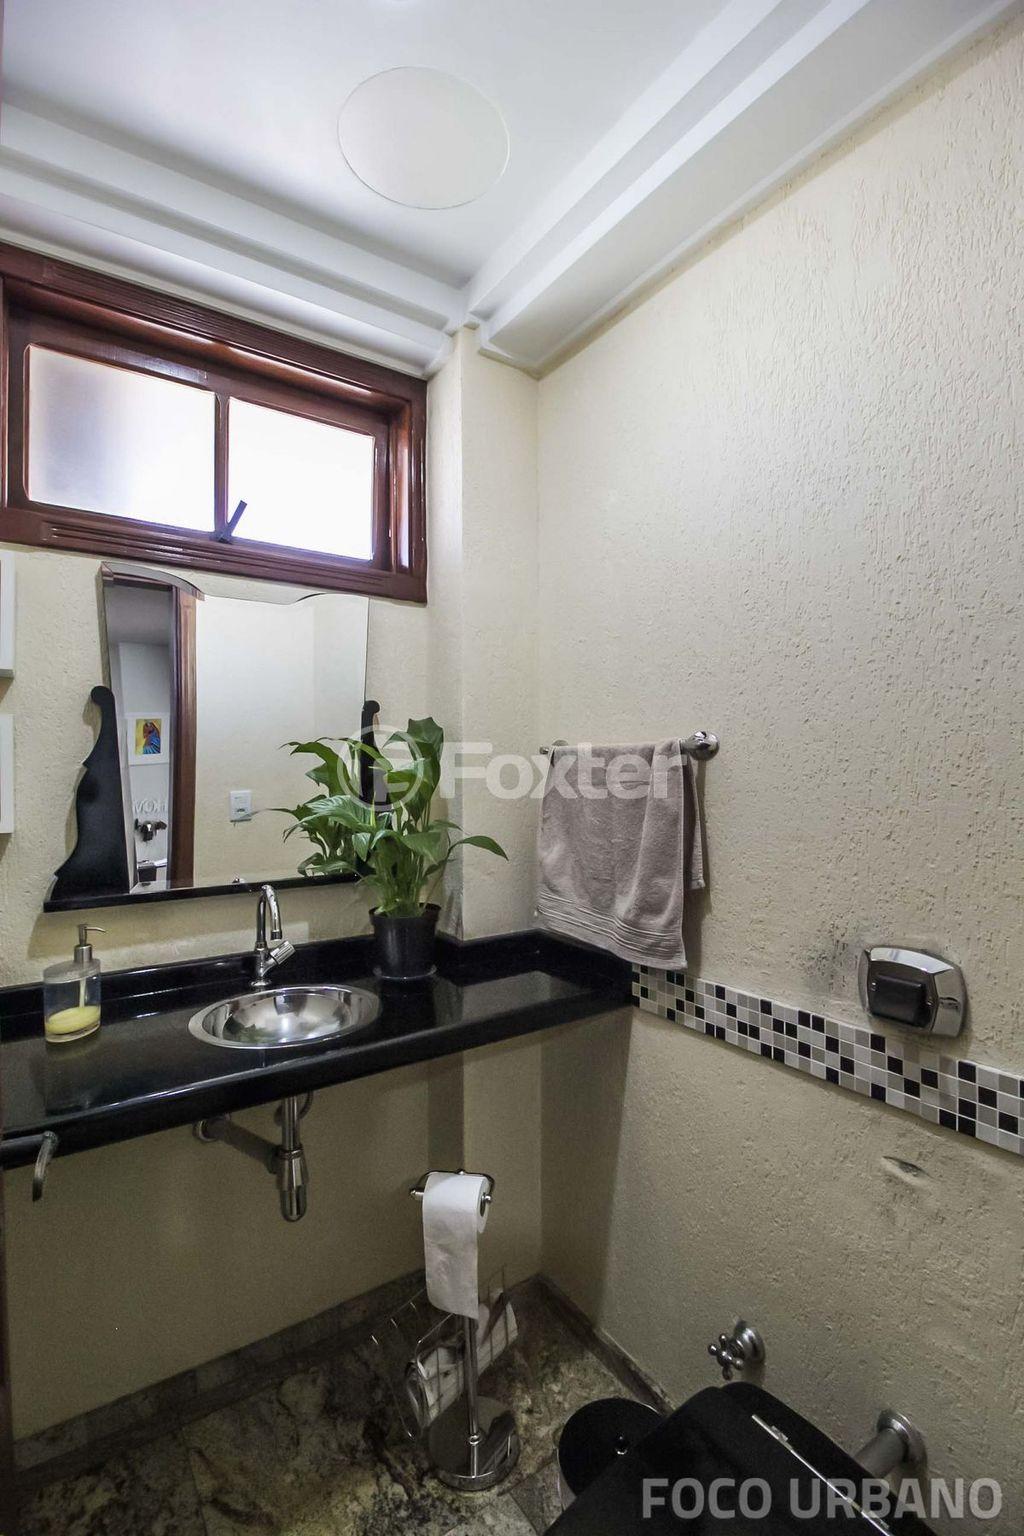 Foxter Imobiliária - Apto 3 Dorm, Sarandi (134661) - Foto 14